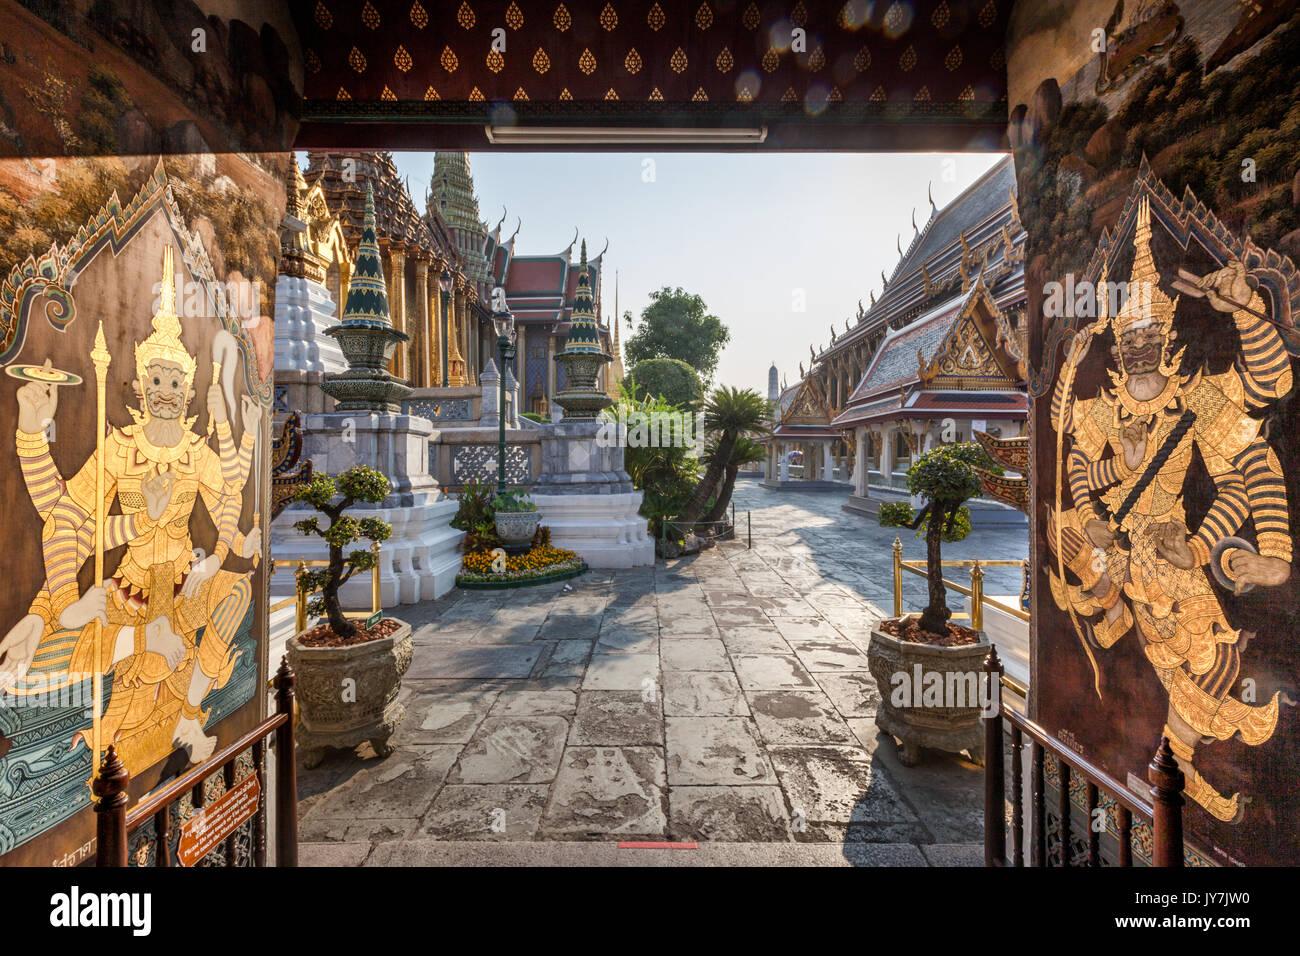 Puerta de entrada ornamentado con decoración en oro Wat Phra Kaew Templo del Buda de Esmeralda en el interior del Gran Palacio, Bangkok, Tailandia Imagen De Stock